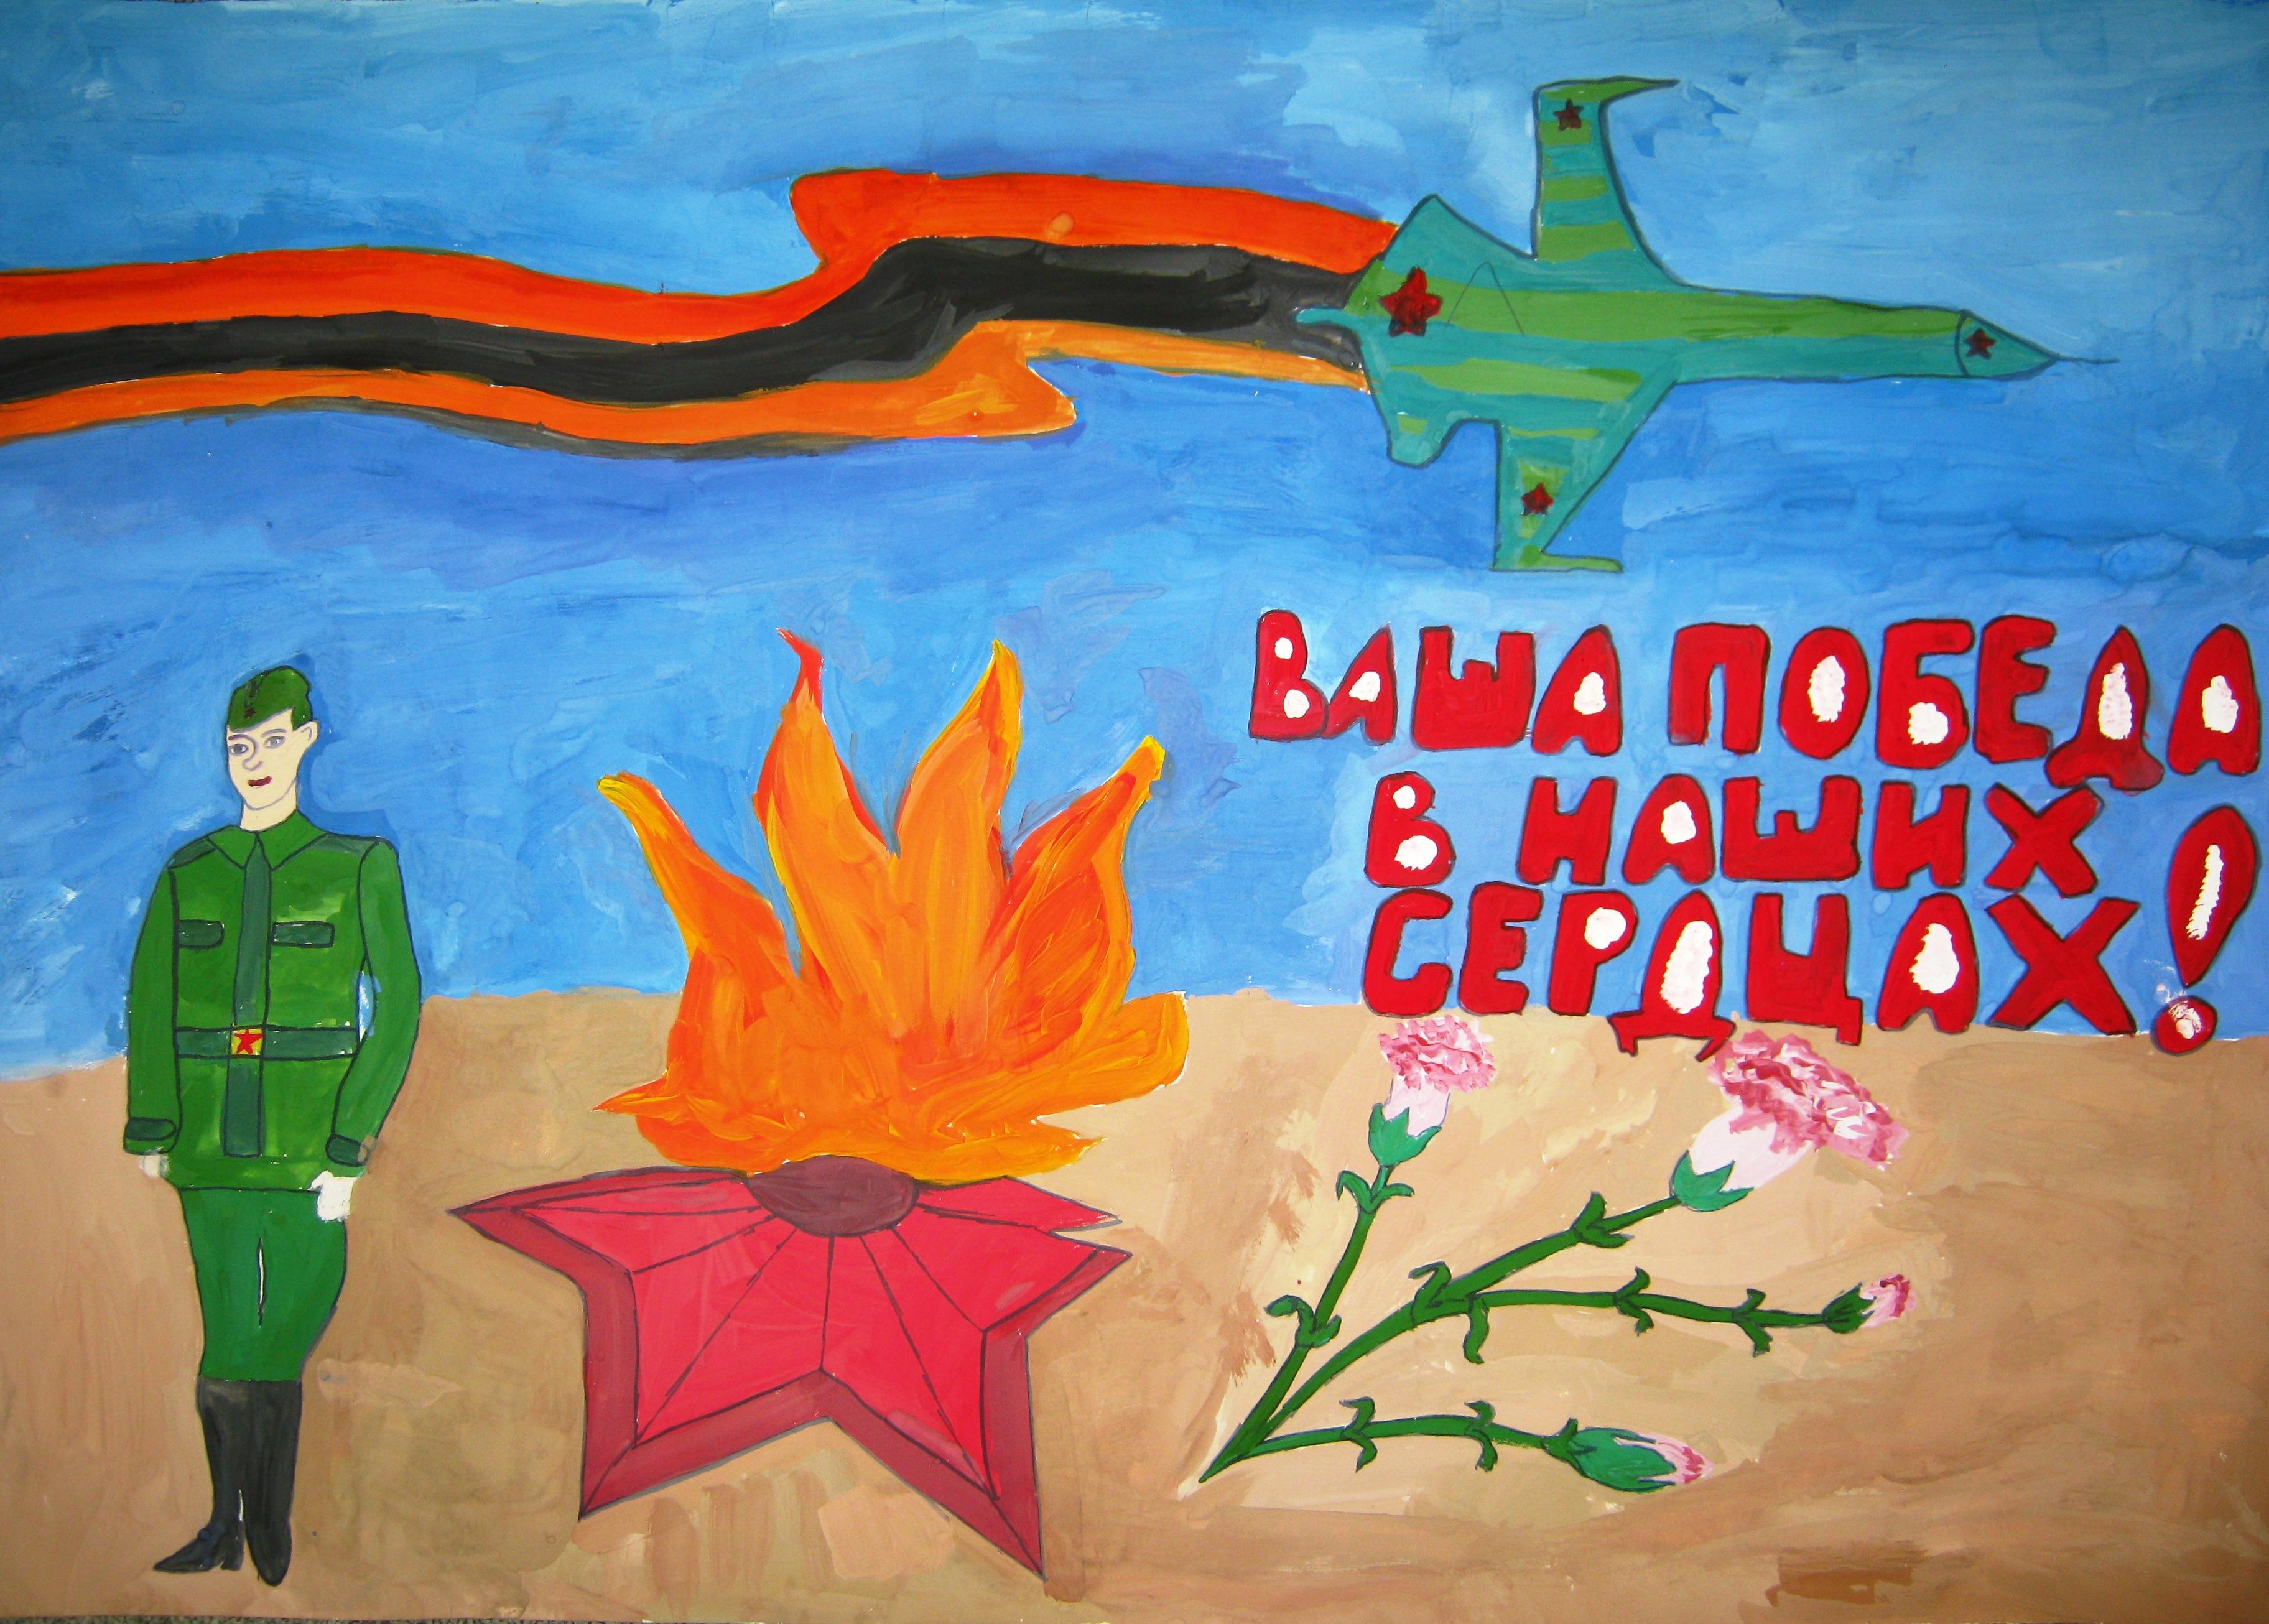 Сотникова Вероника, 13 л, СОШ №90 им Карбышева